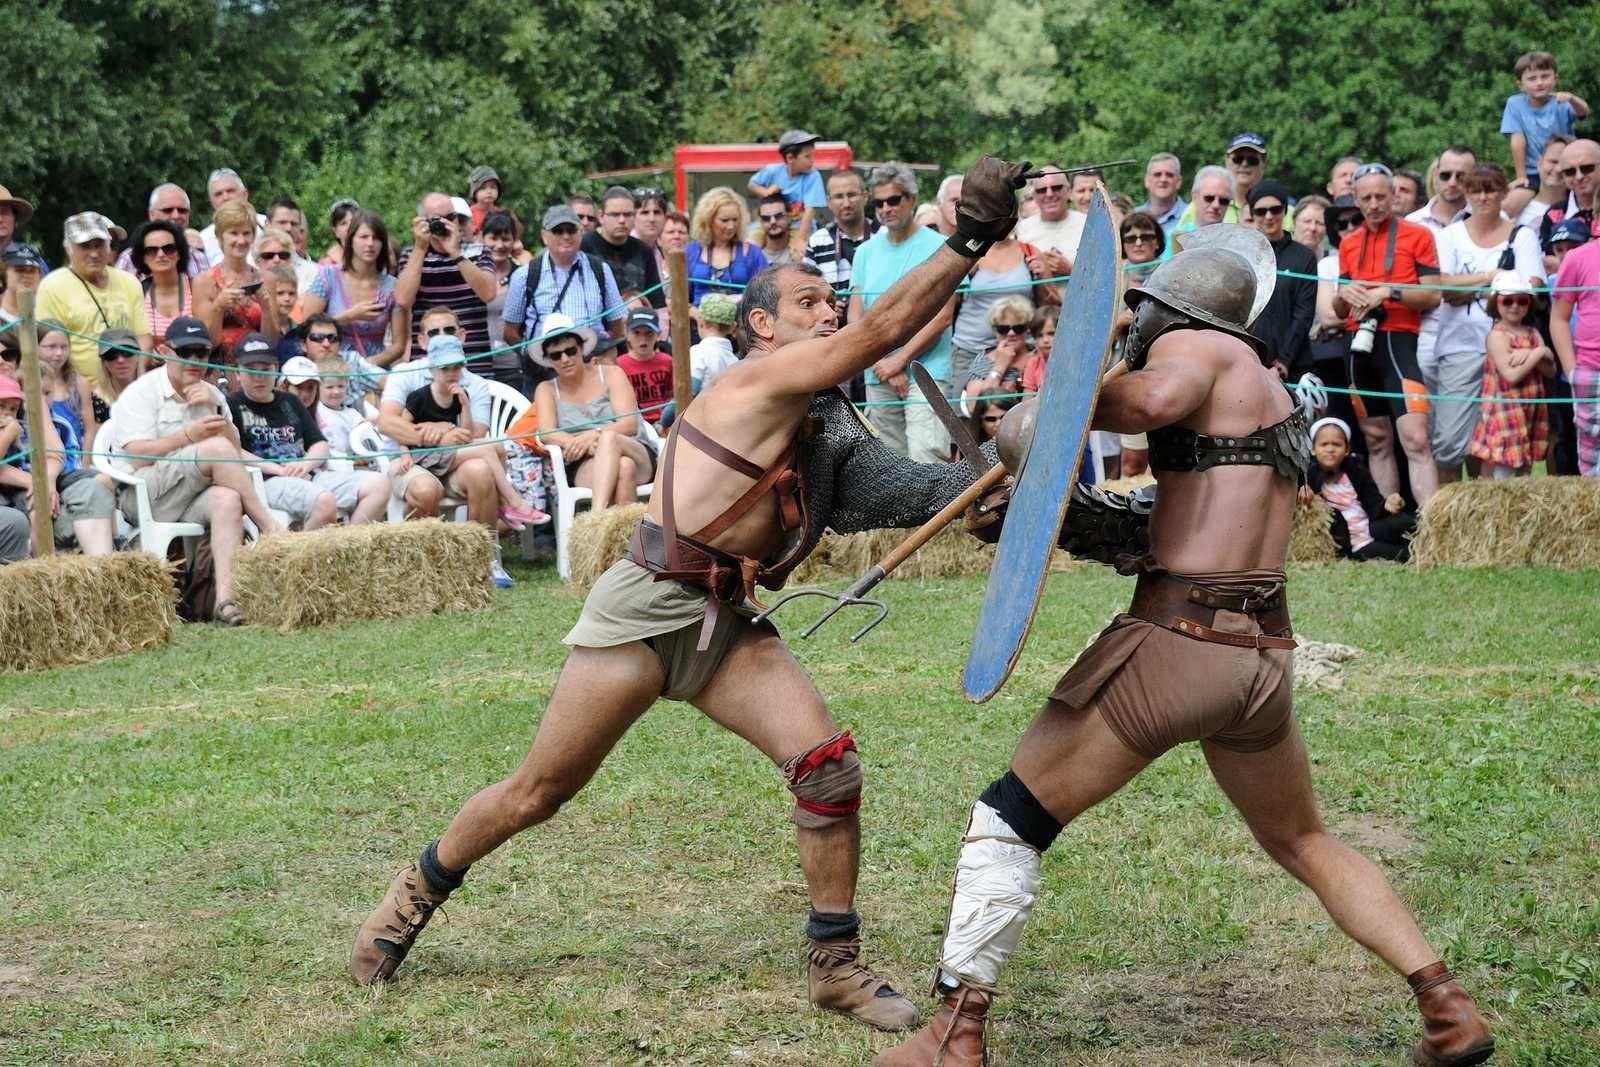 Les gladiateurs d'Acta au Parc archéologique européen de Bliesbruck-Reinheim - Crédits Conseil Général de la Moselle